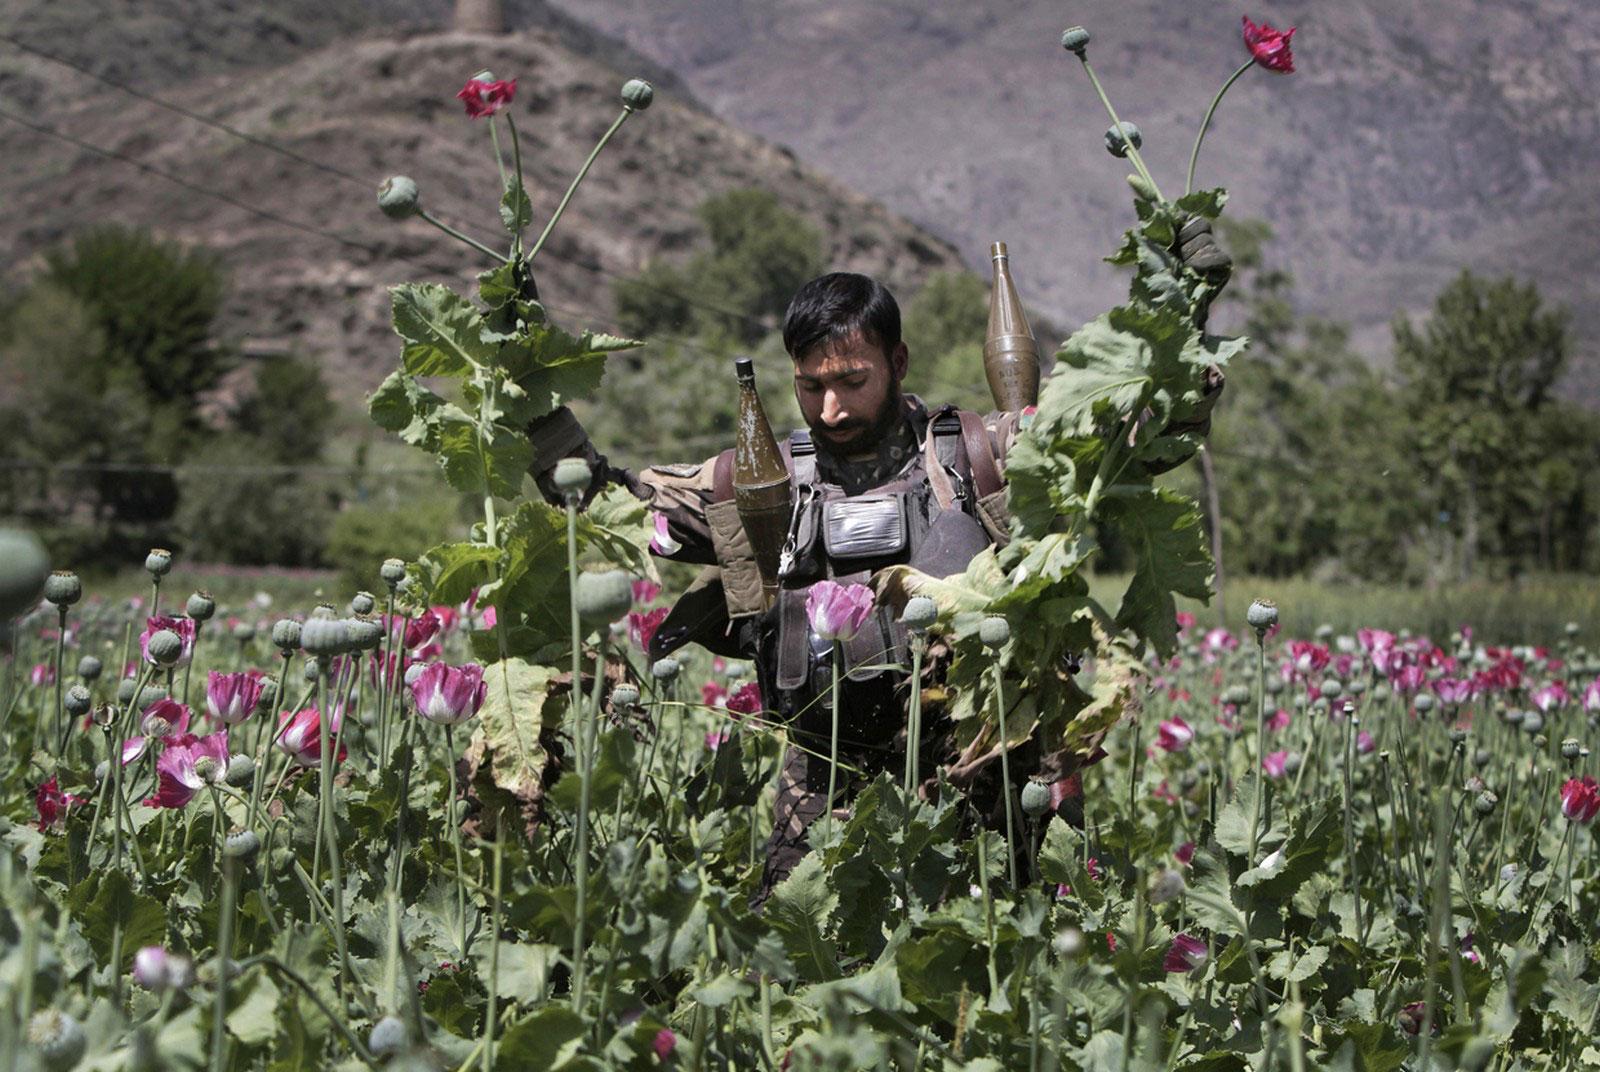 афганский полицейский уничтожает поля опийного мака